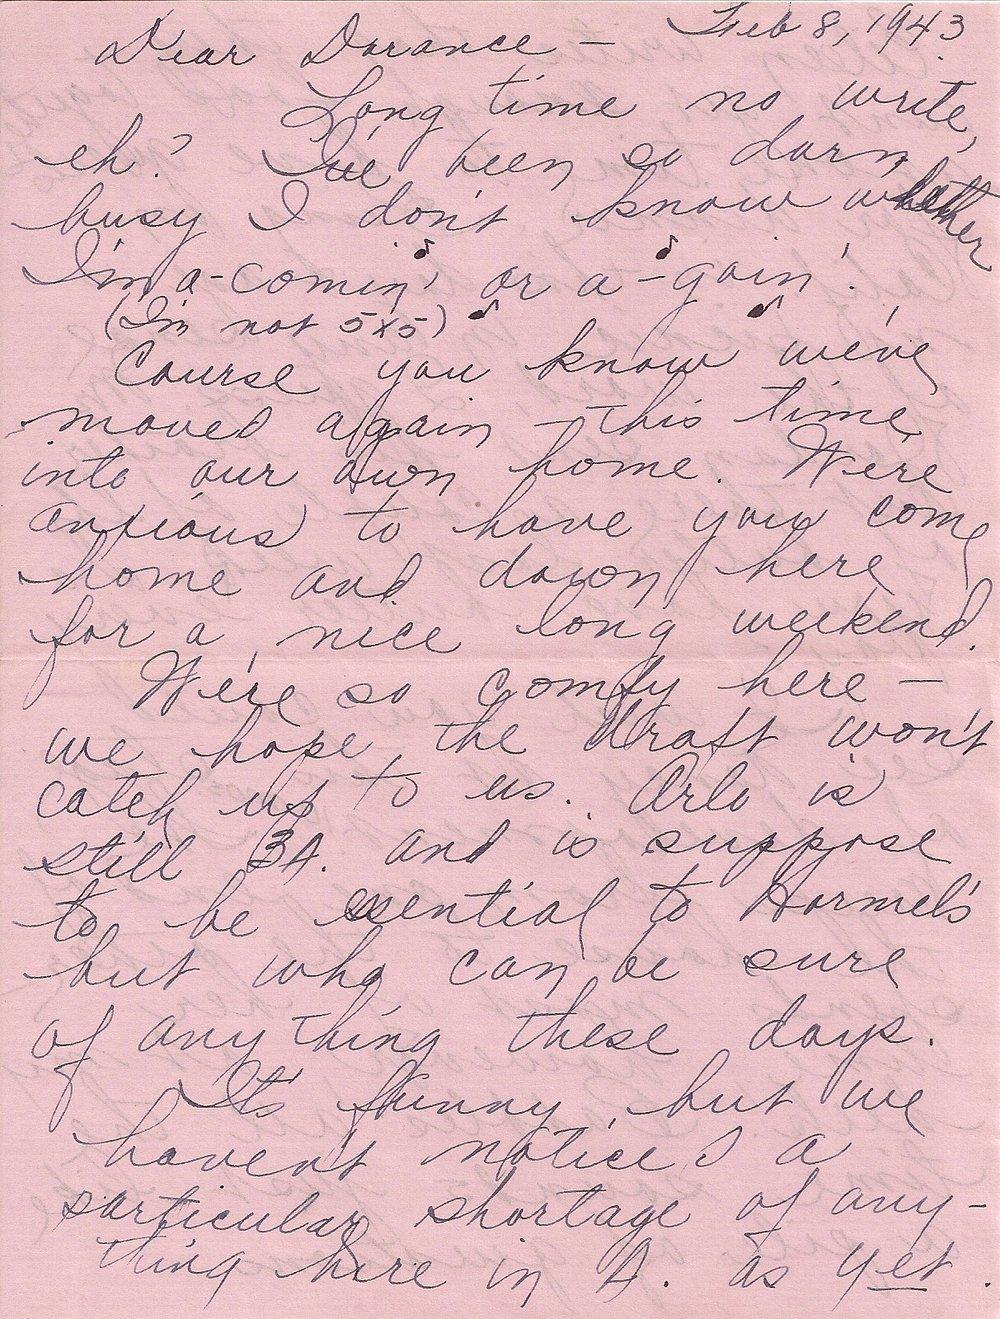 2.8.1943DJb.jpg